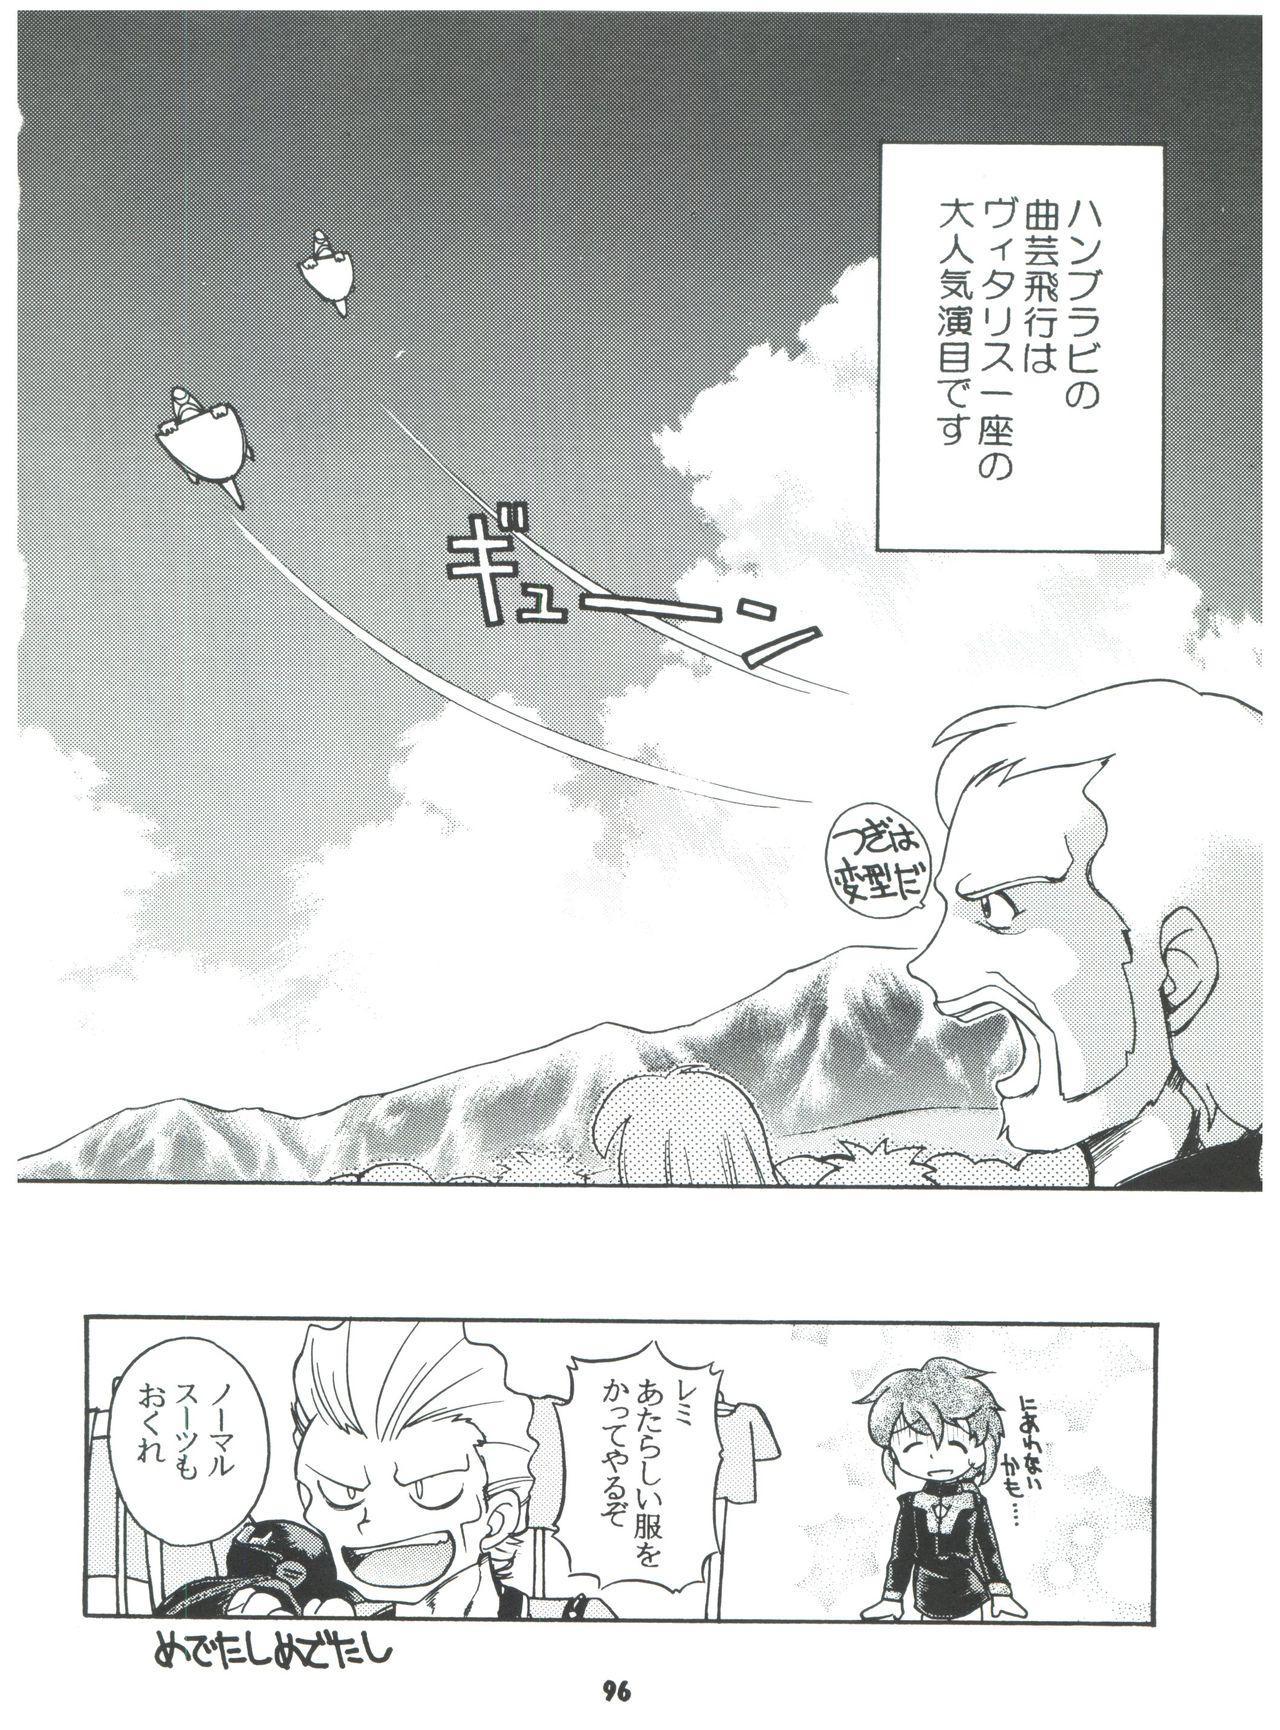 [Sairo Publishing (J. Sairo) En-Jack 2 (Various) 95